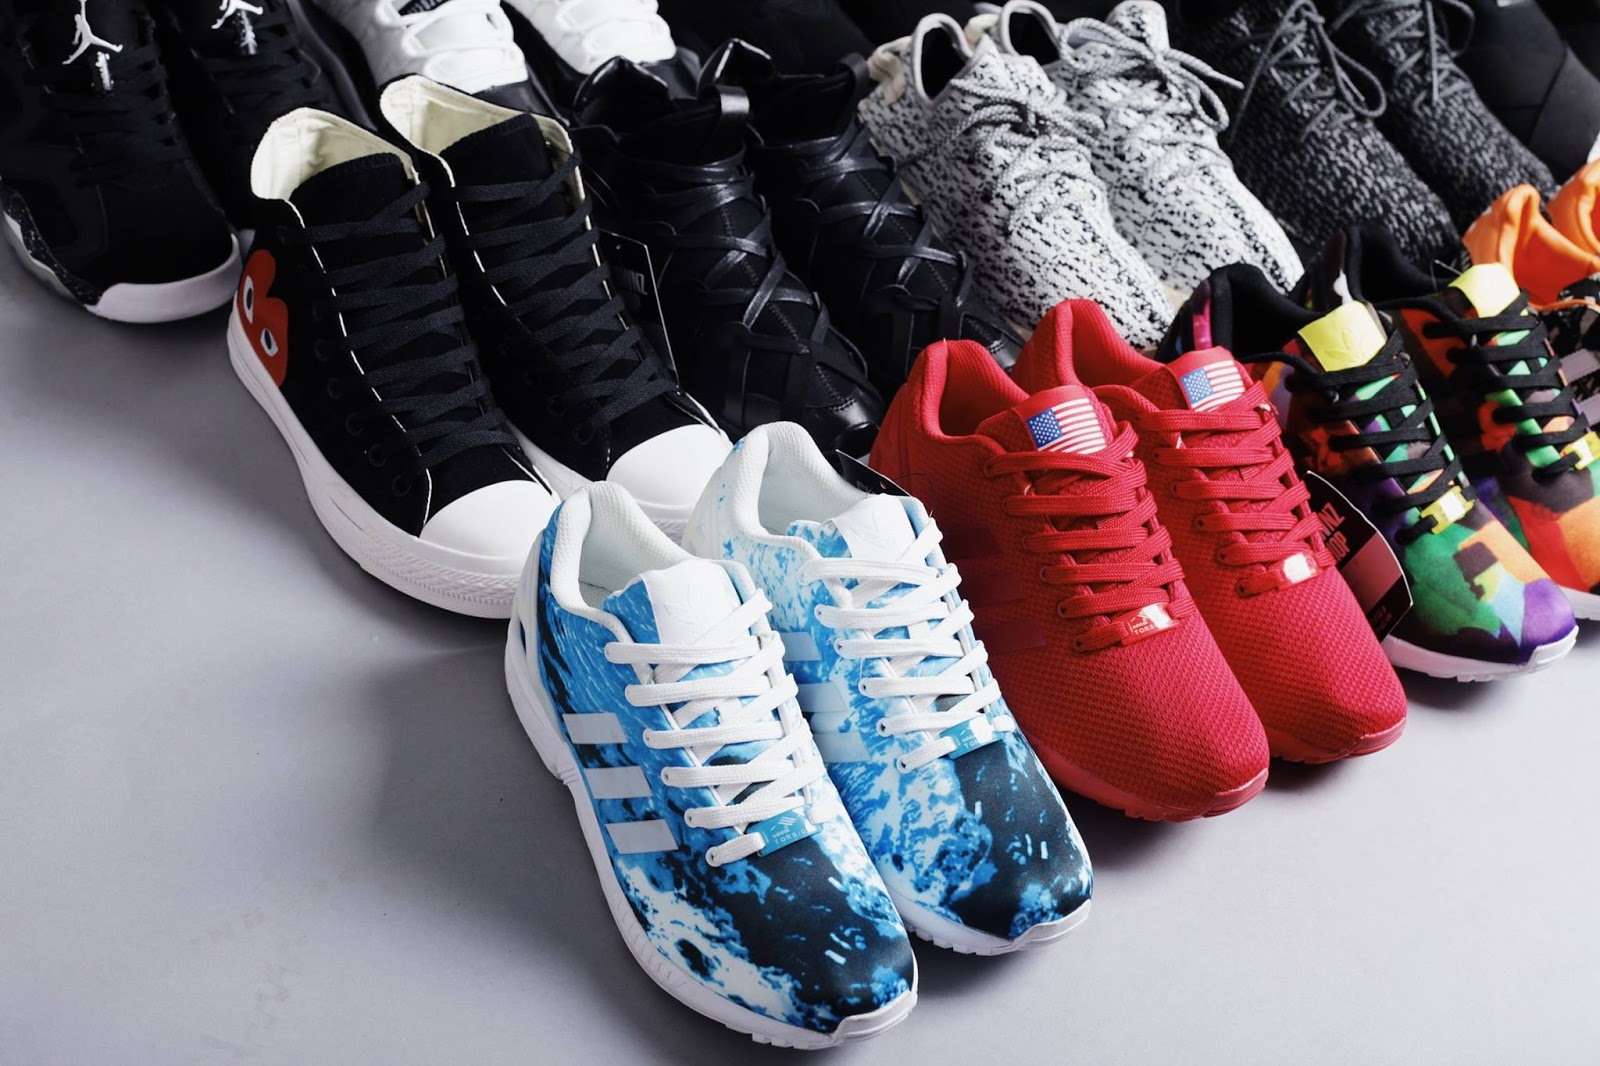 muốn kinh doanh giày dép phỉ làm gì